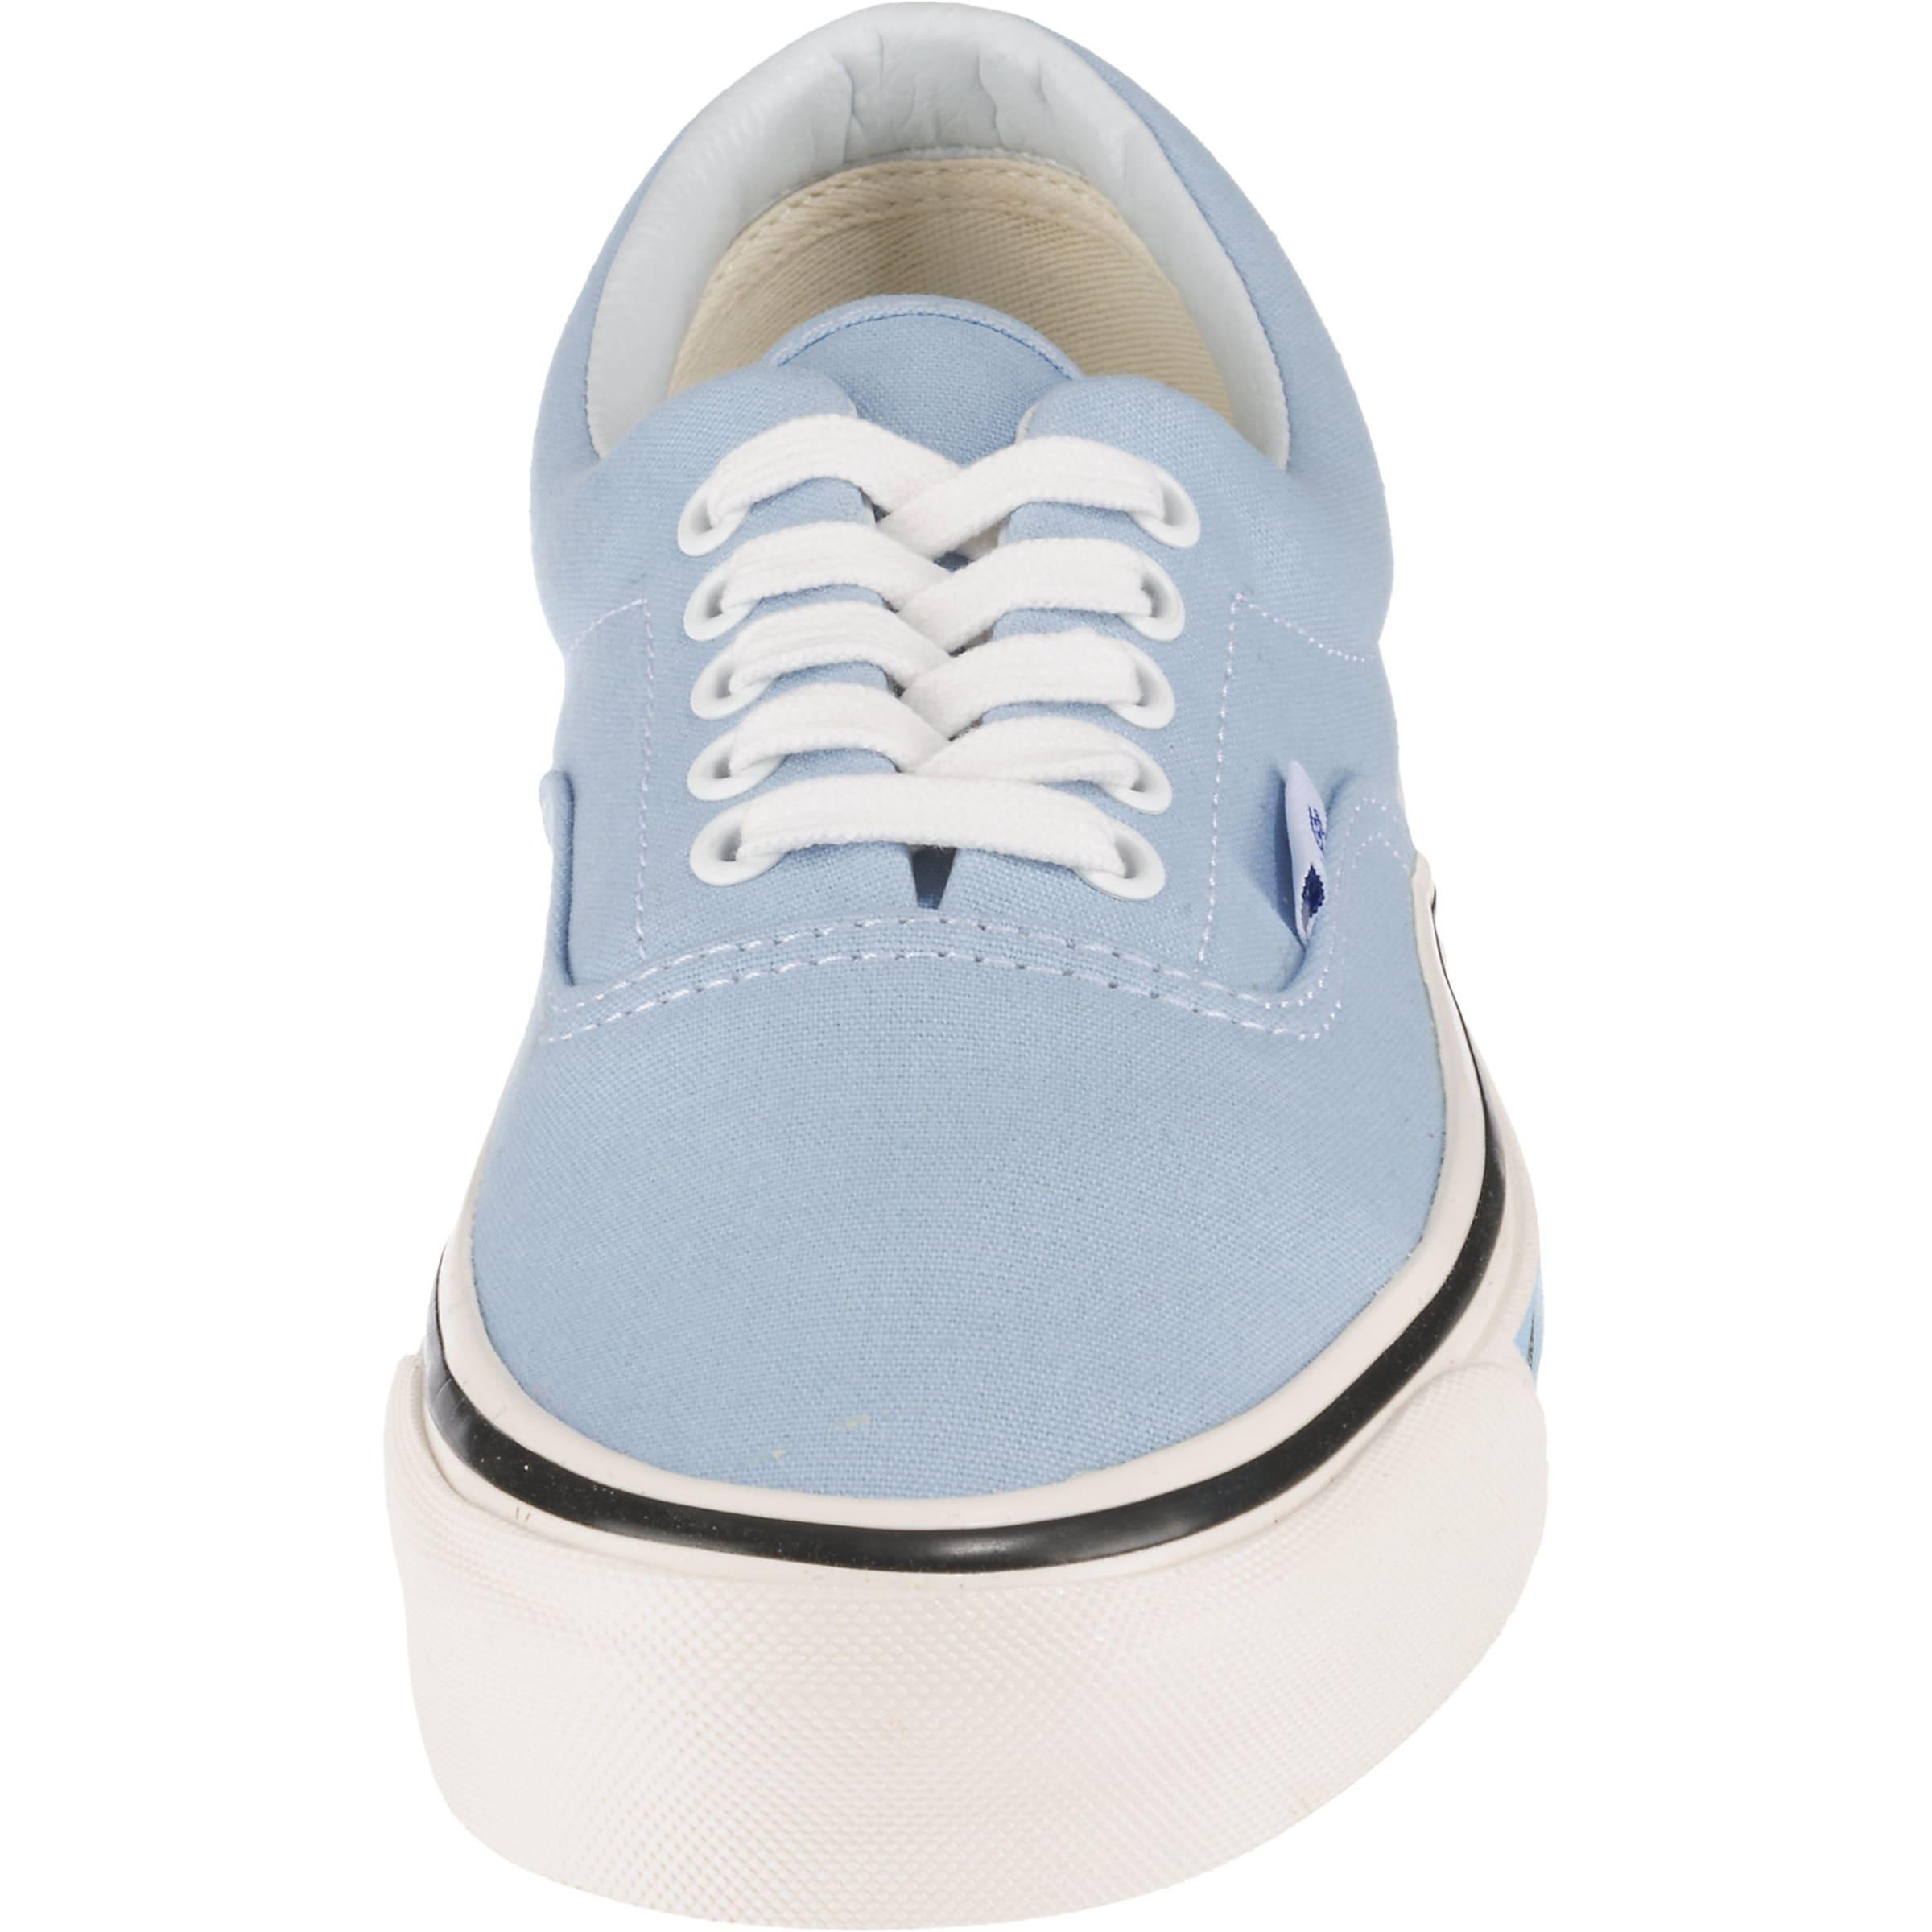 Vans Vans In Sneakers HellblauSchwarz Sneakers Vans Weiß Sneakers In Weiß In HellblauSchwarz QdoxerCBW